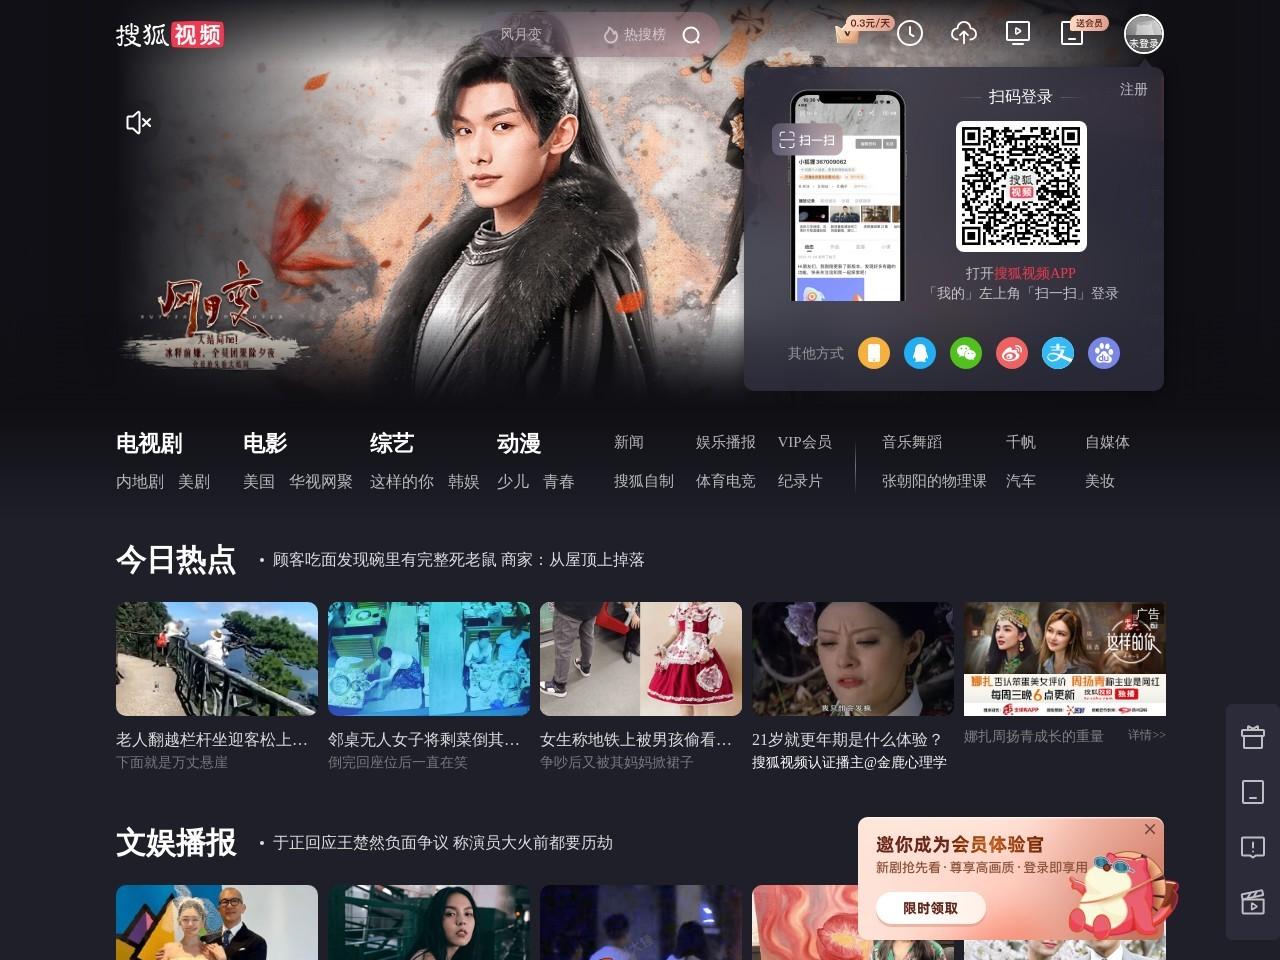 《你成功引起我的注意了》第1集 - 高清正版在线观看 - 搜狐视频